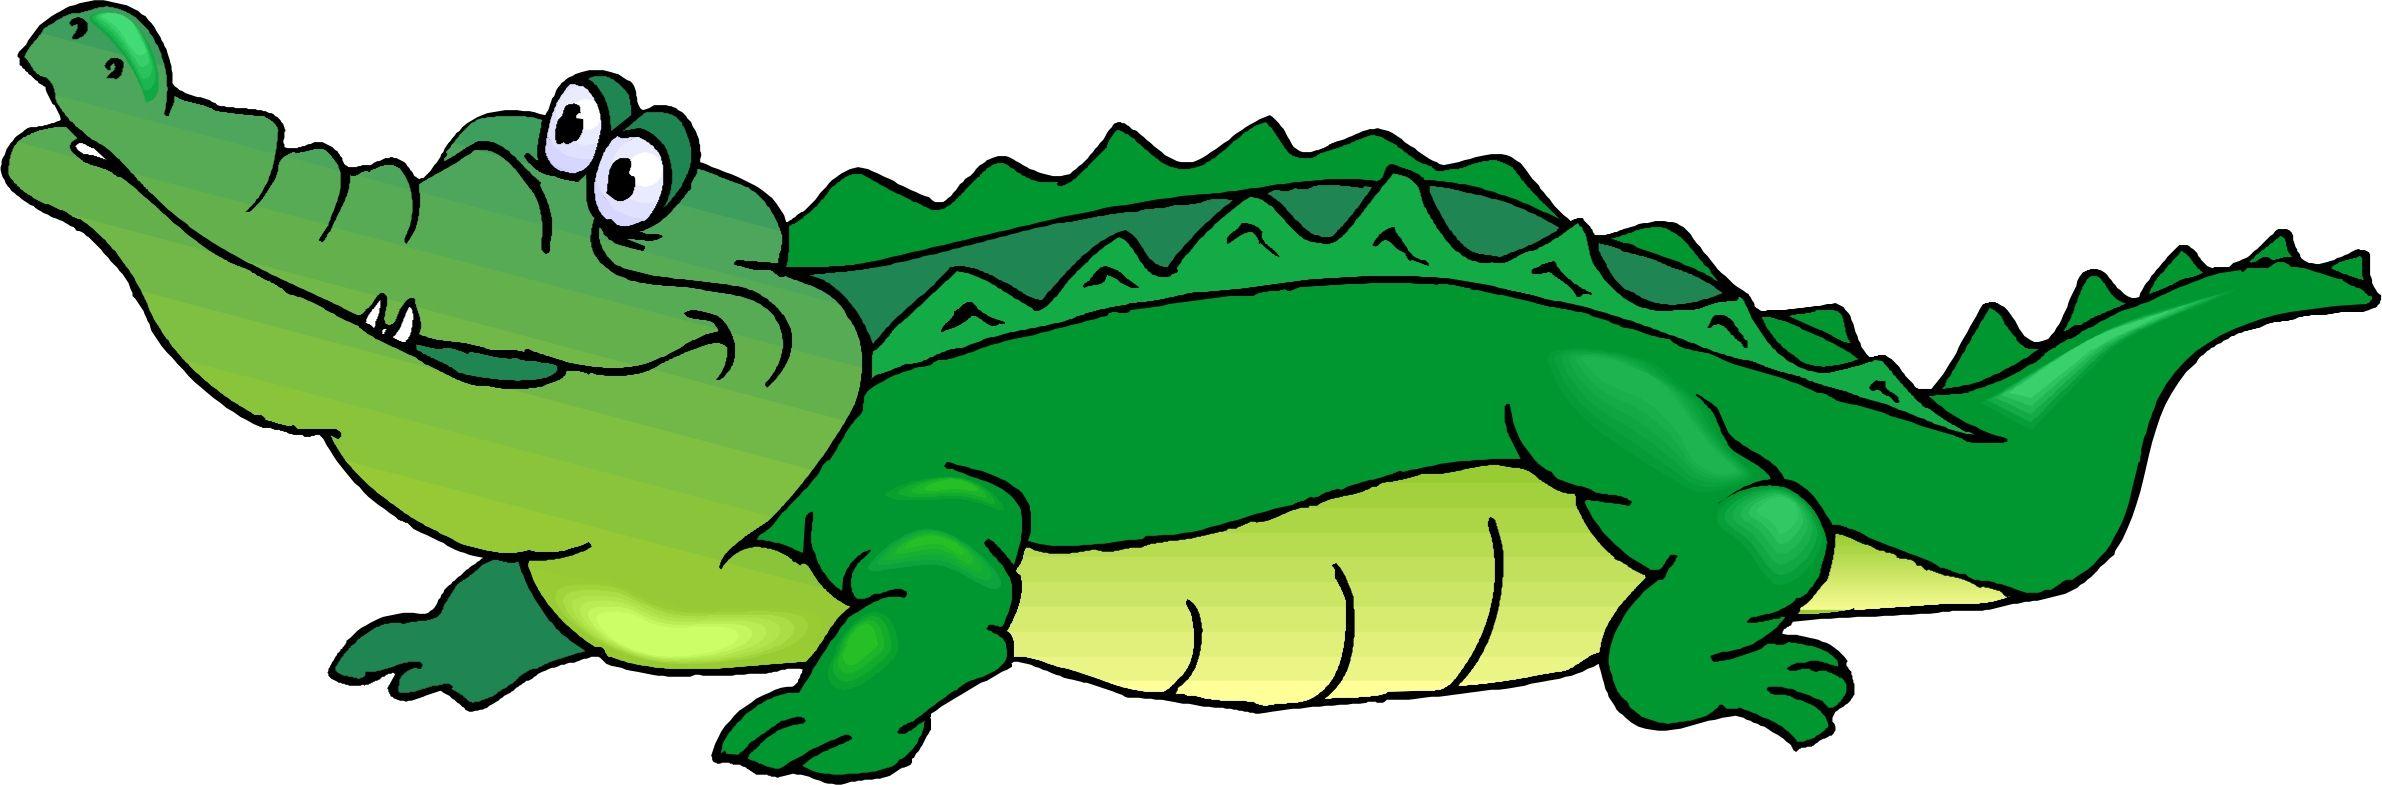 Смешные картинки, крокодил картинки нарисованные